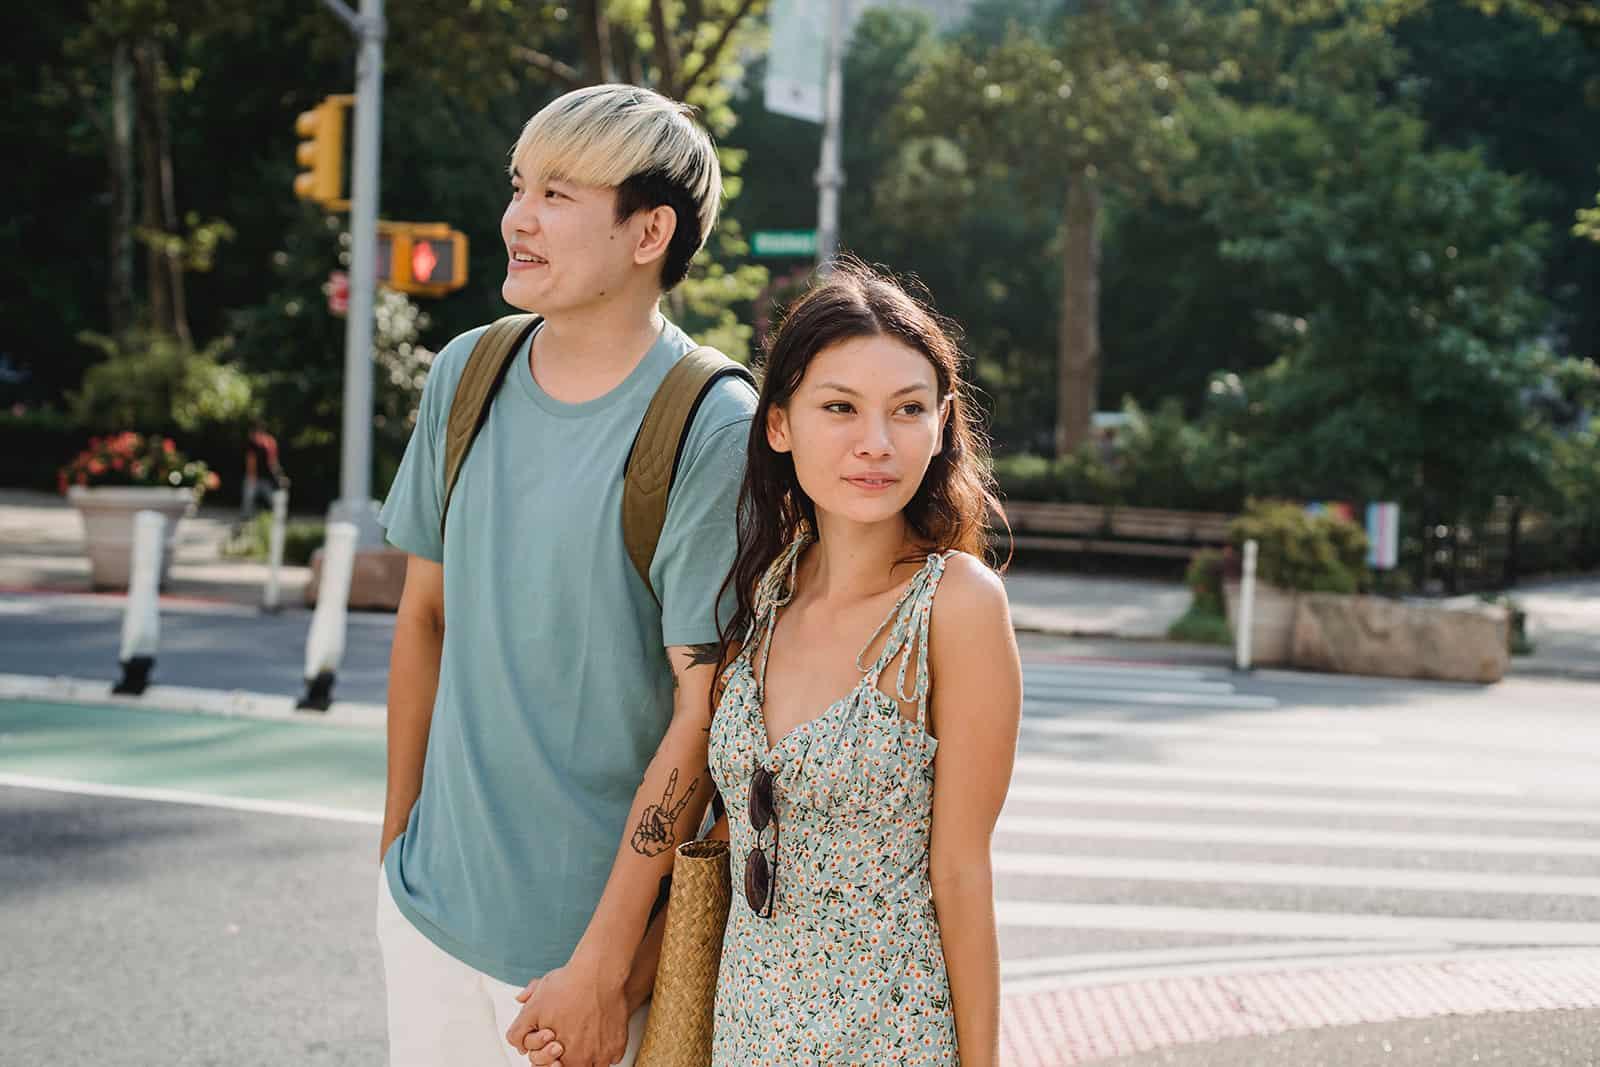 ein Mann, der Hände mit einer Frau hält, die zufrieden aussieht, während sie zusammen auf der Straße gehen